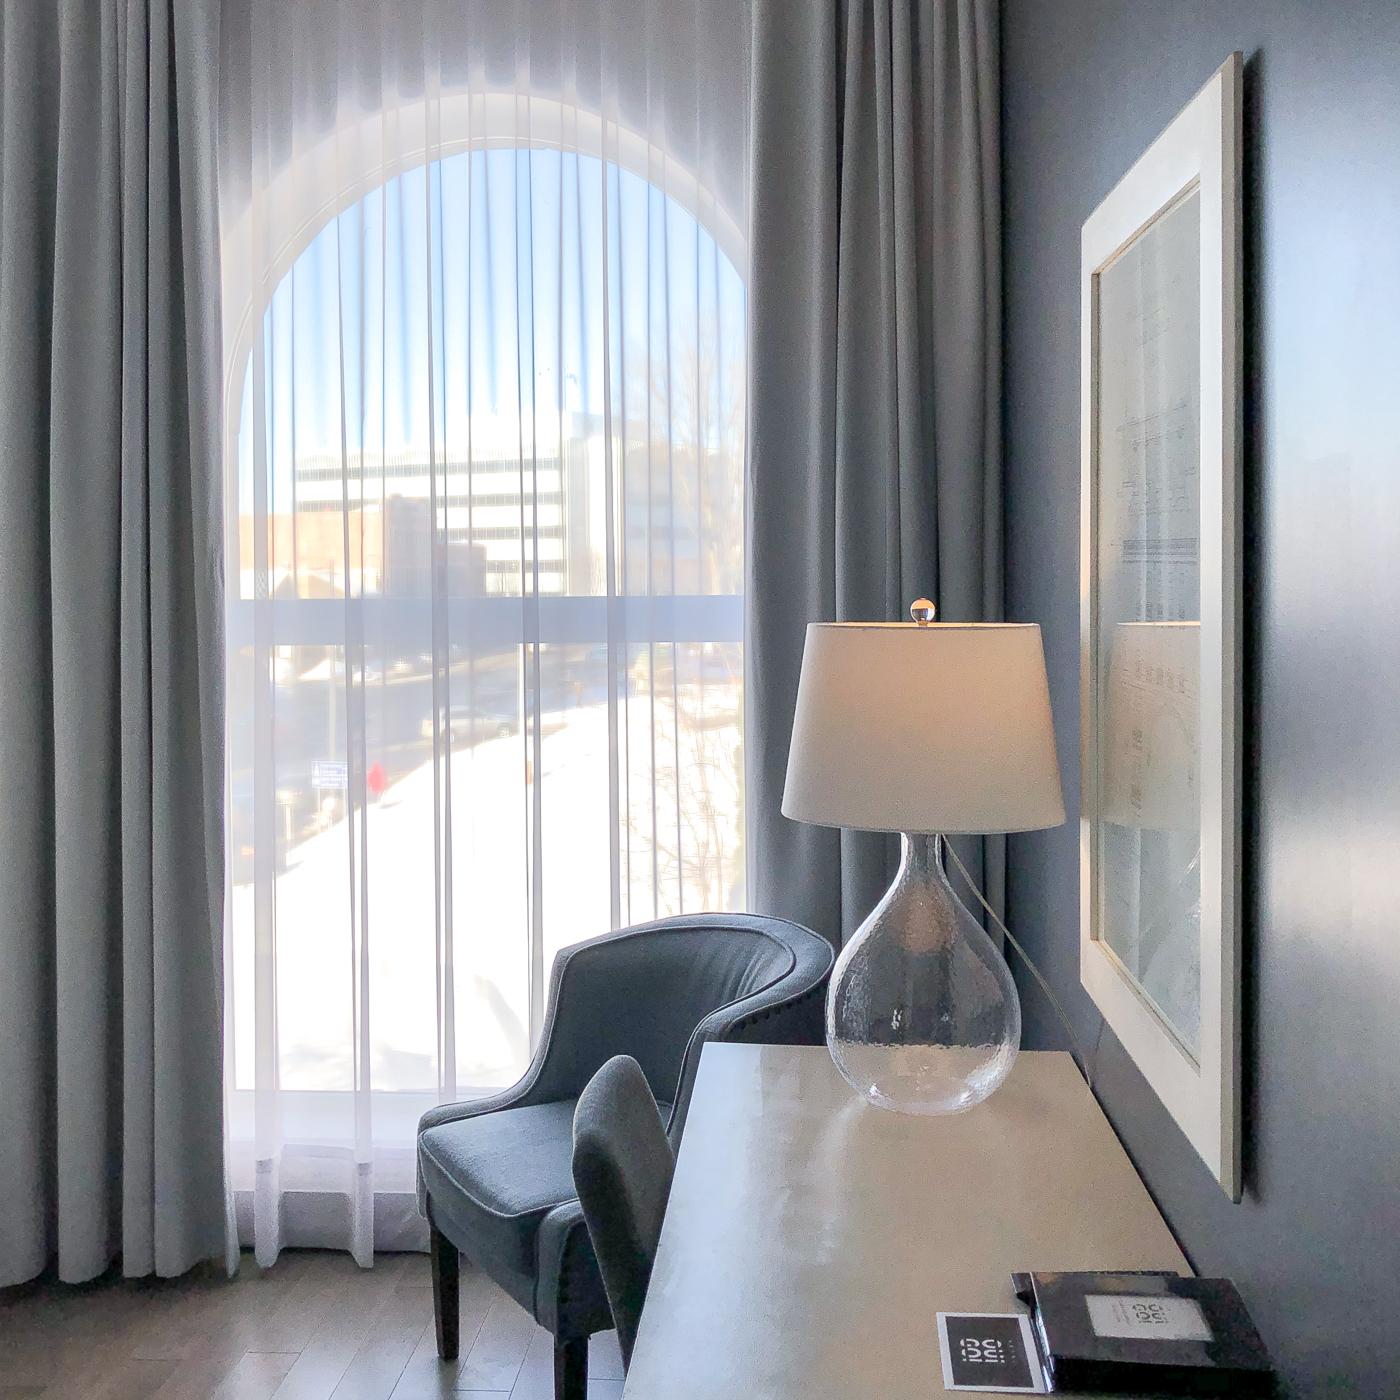 Chambre et fenêtre lumineuse de l'Hôtel OuiGO